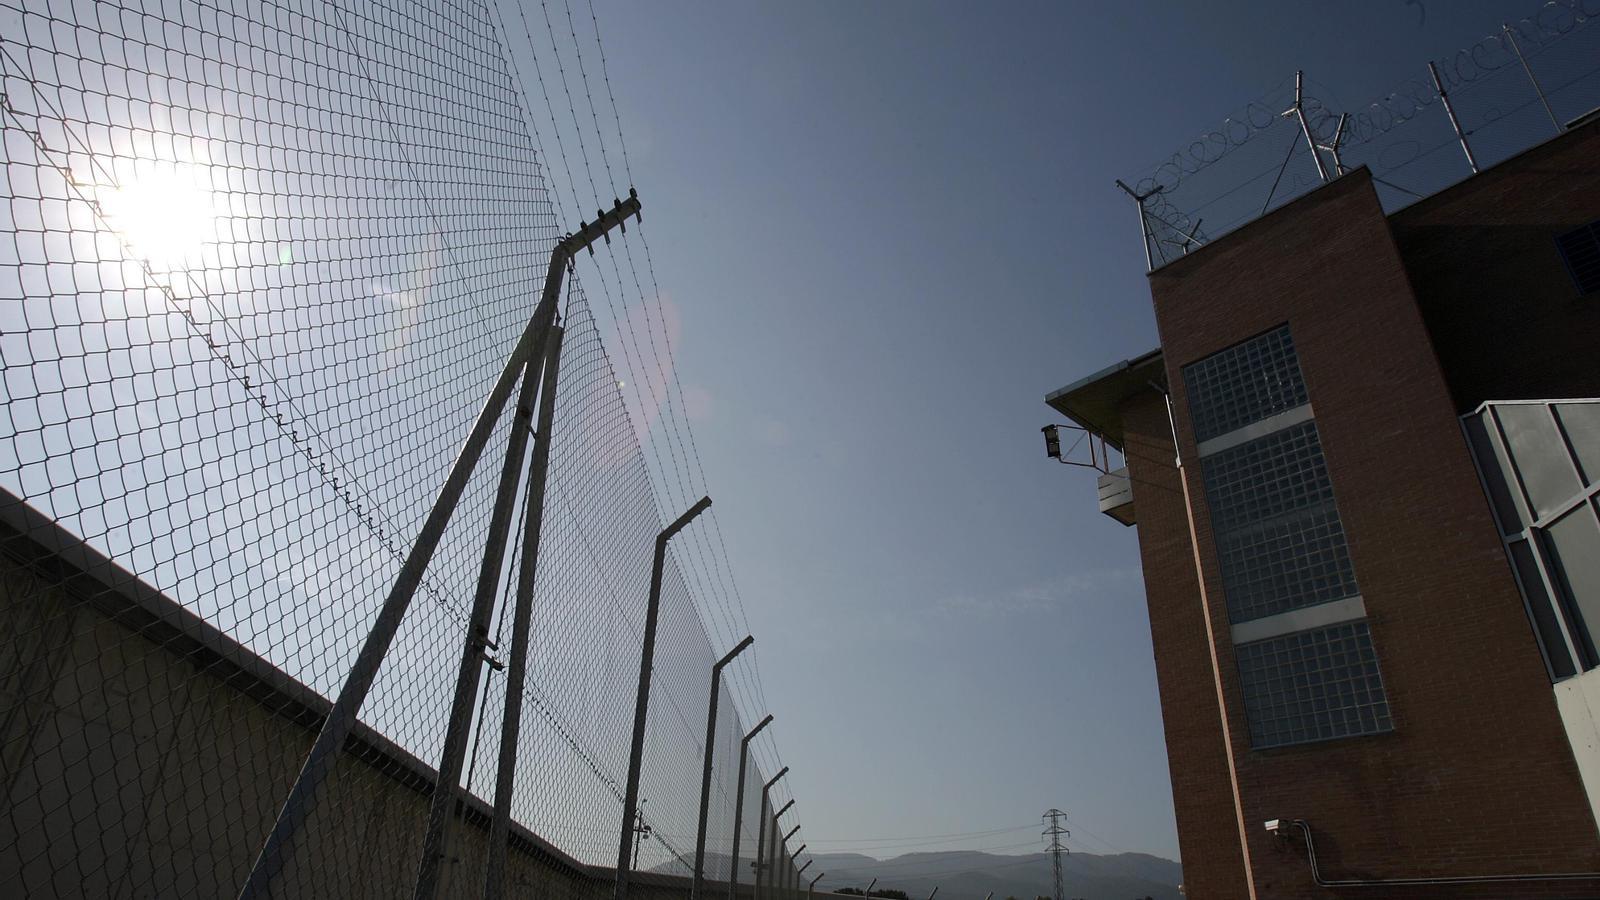 La tanca de la presó de Can Brians 2, amb un dels mòduls dels presos al fons.